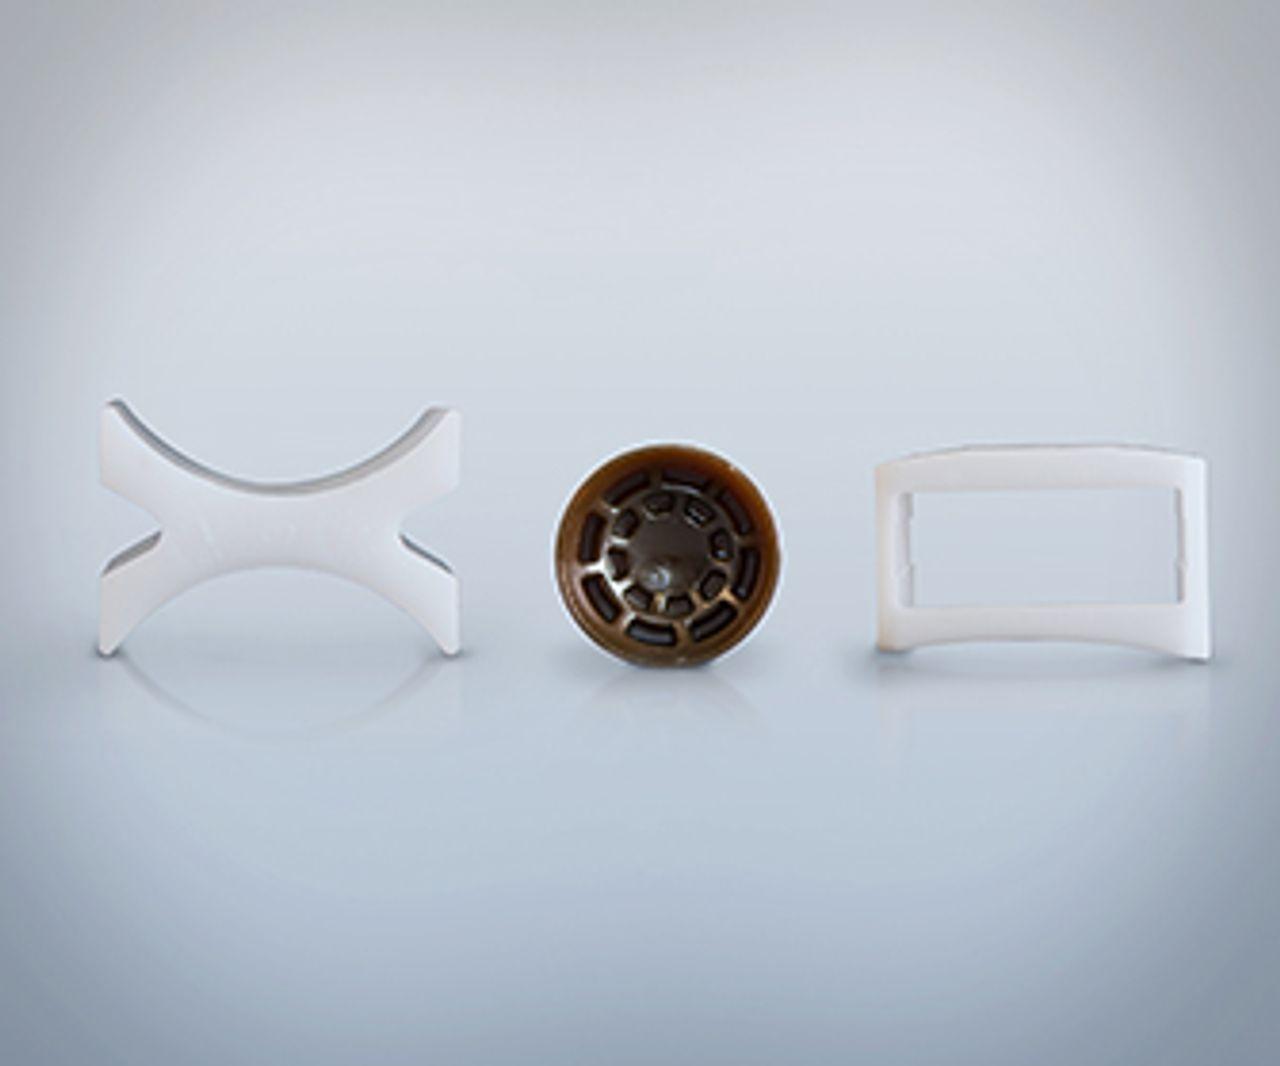 Drei Kunststoffteile, X-Form, rund und rechteckig auf grauem Hintergrund